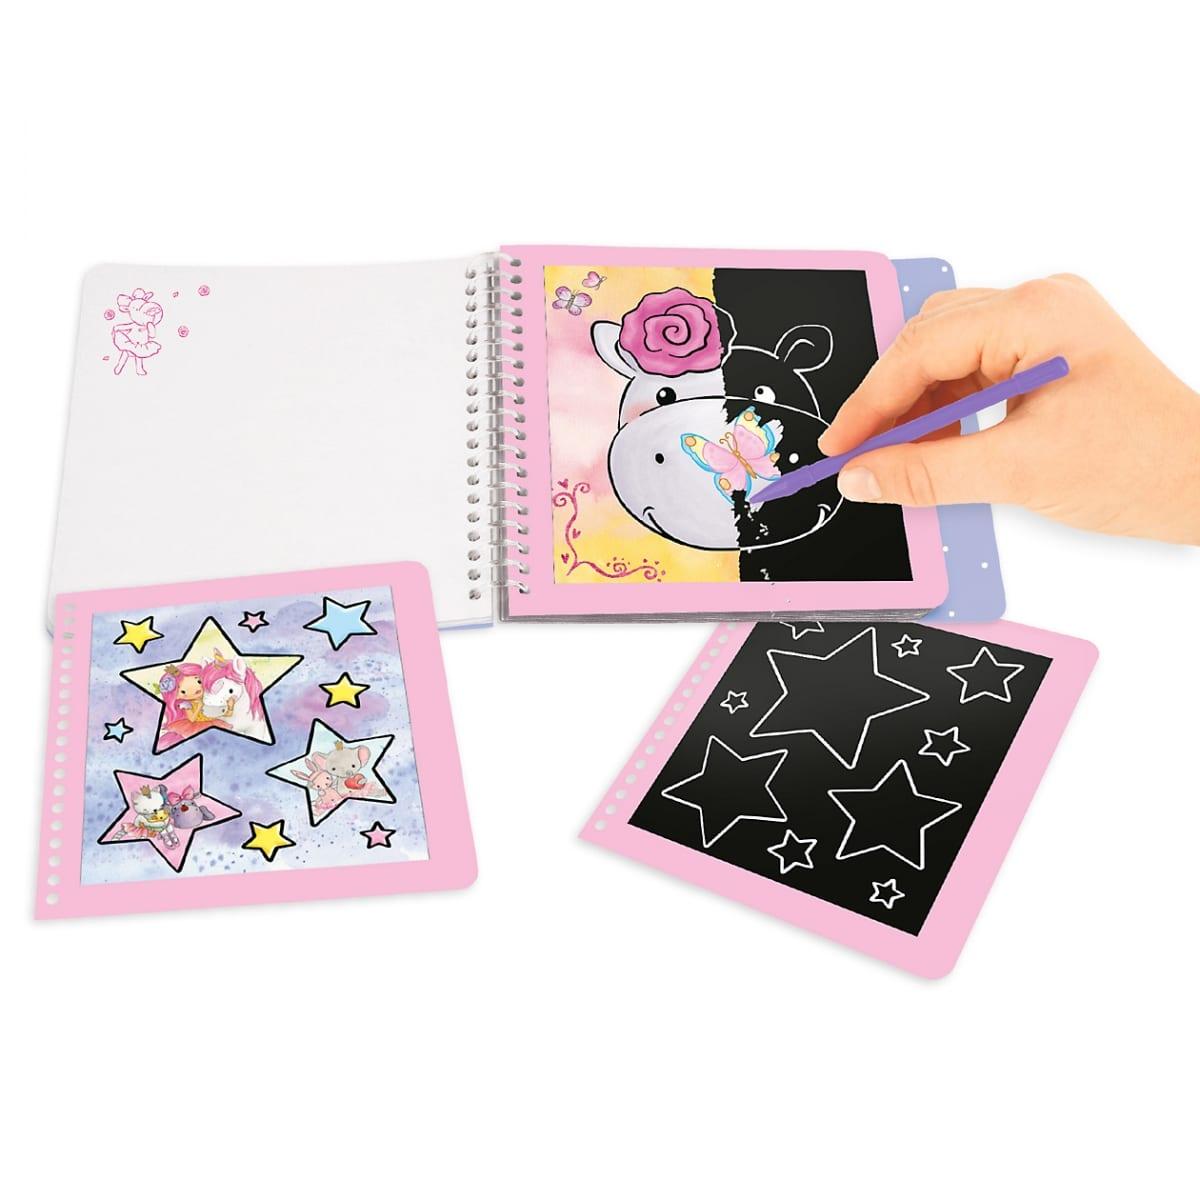 Princess Mimi Mini Magic-Scratch Book